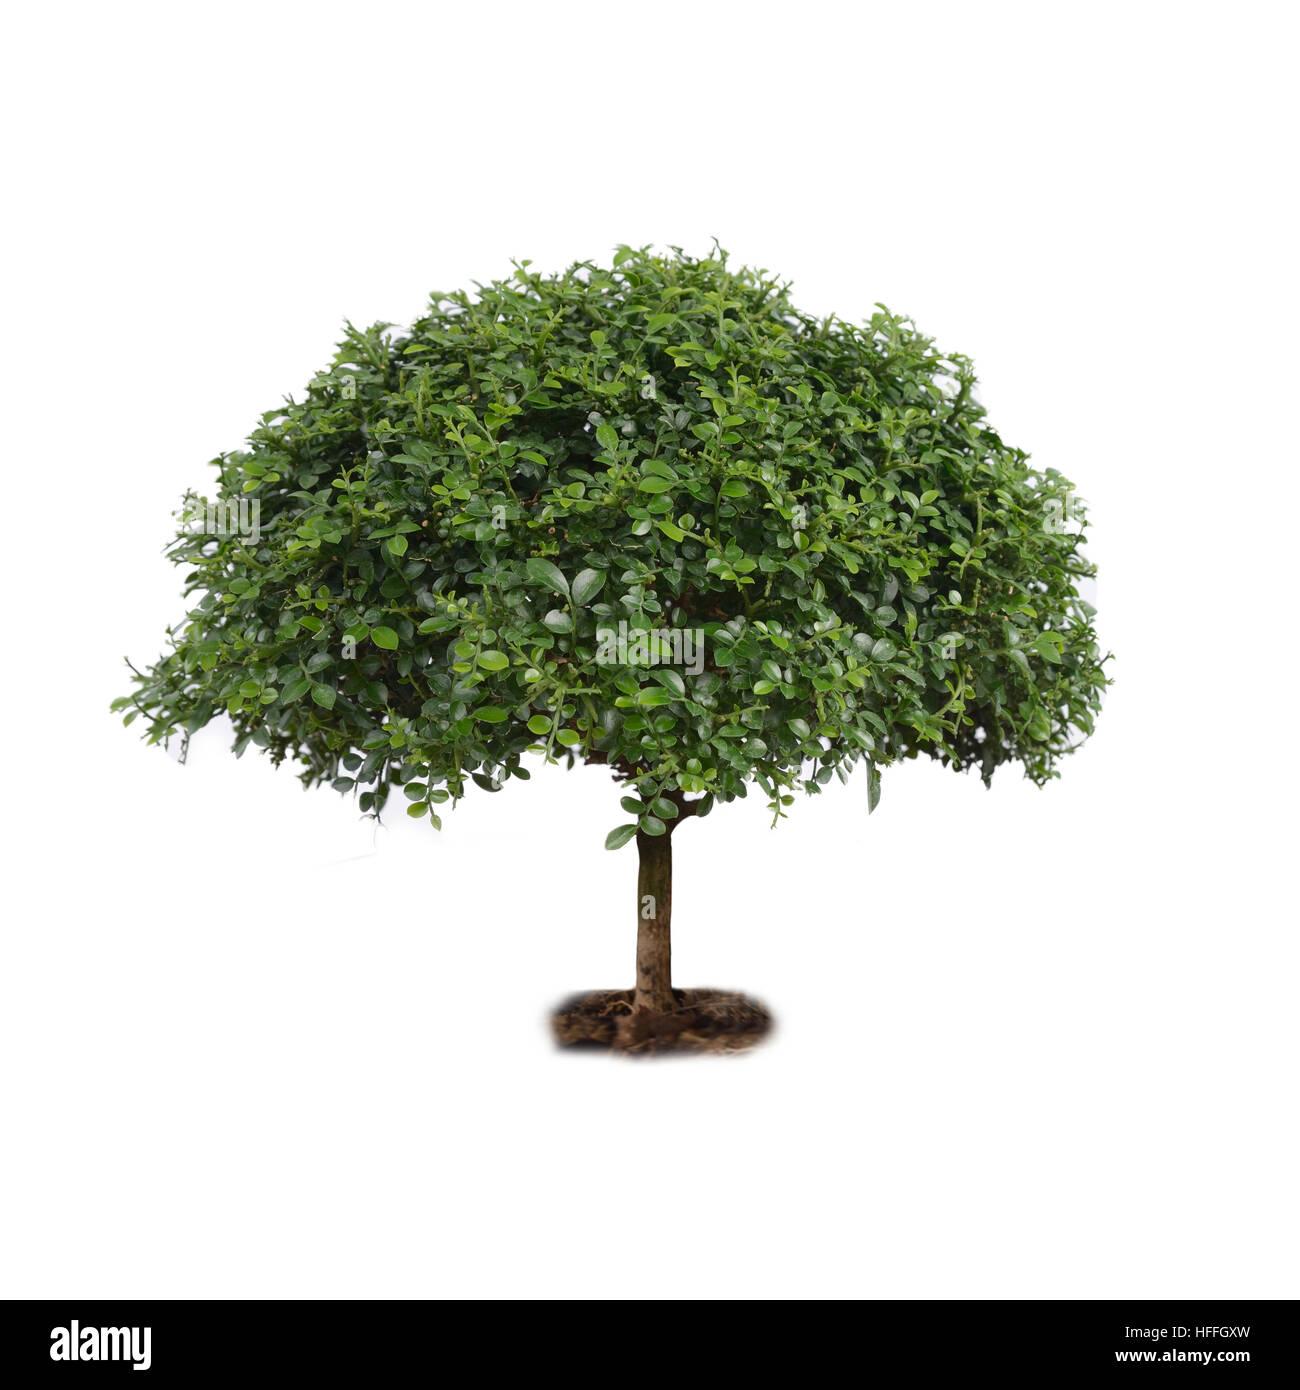 Isolate small tree, orange jessamine, on white background. - Stock Image